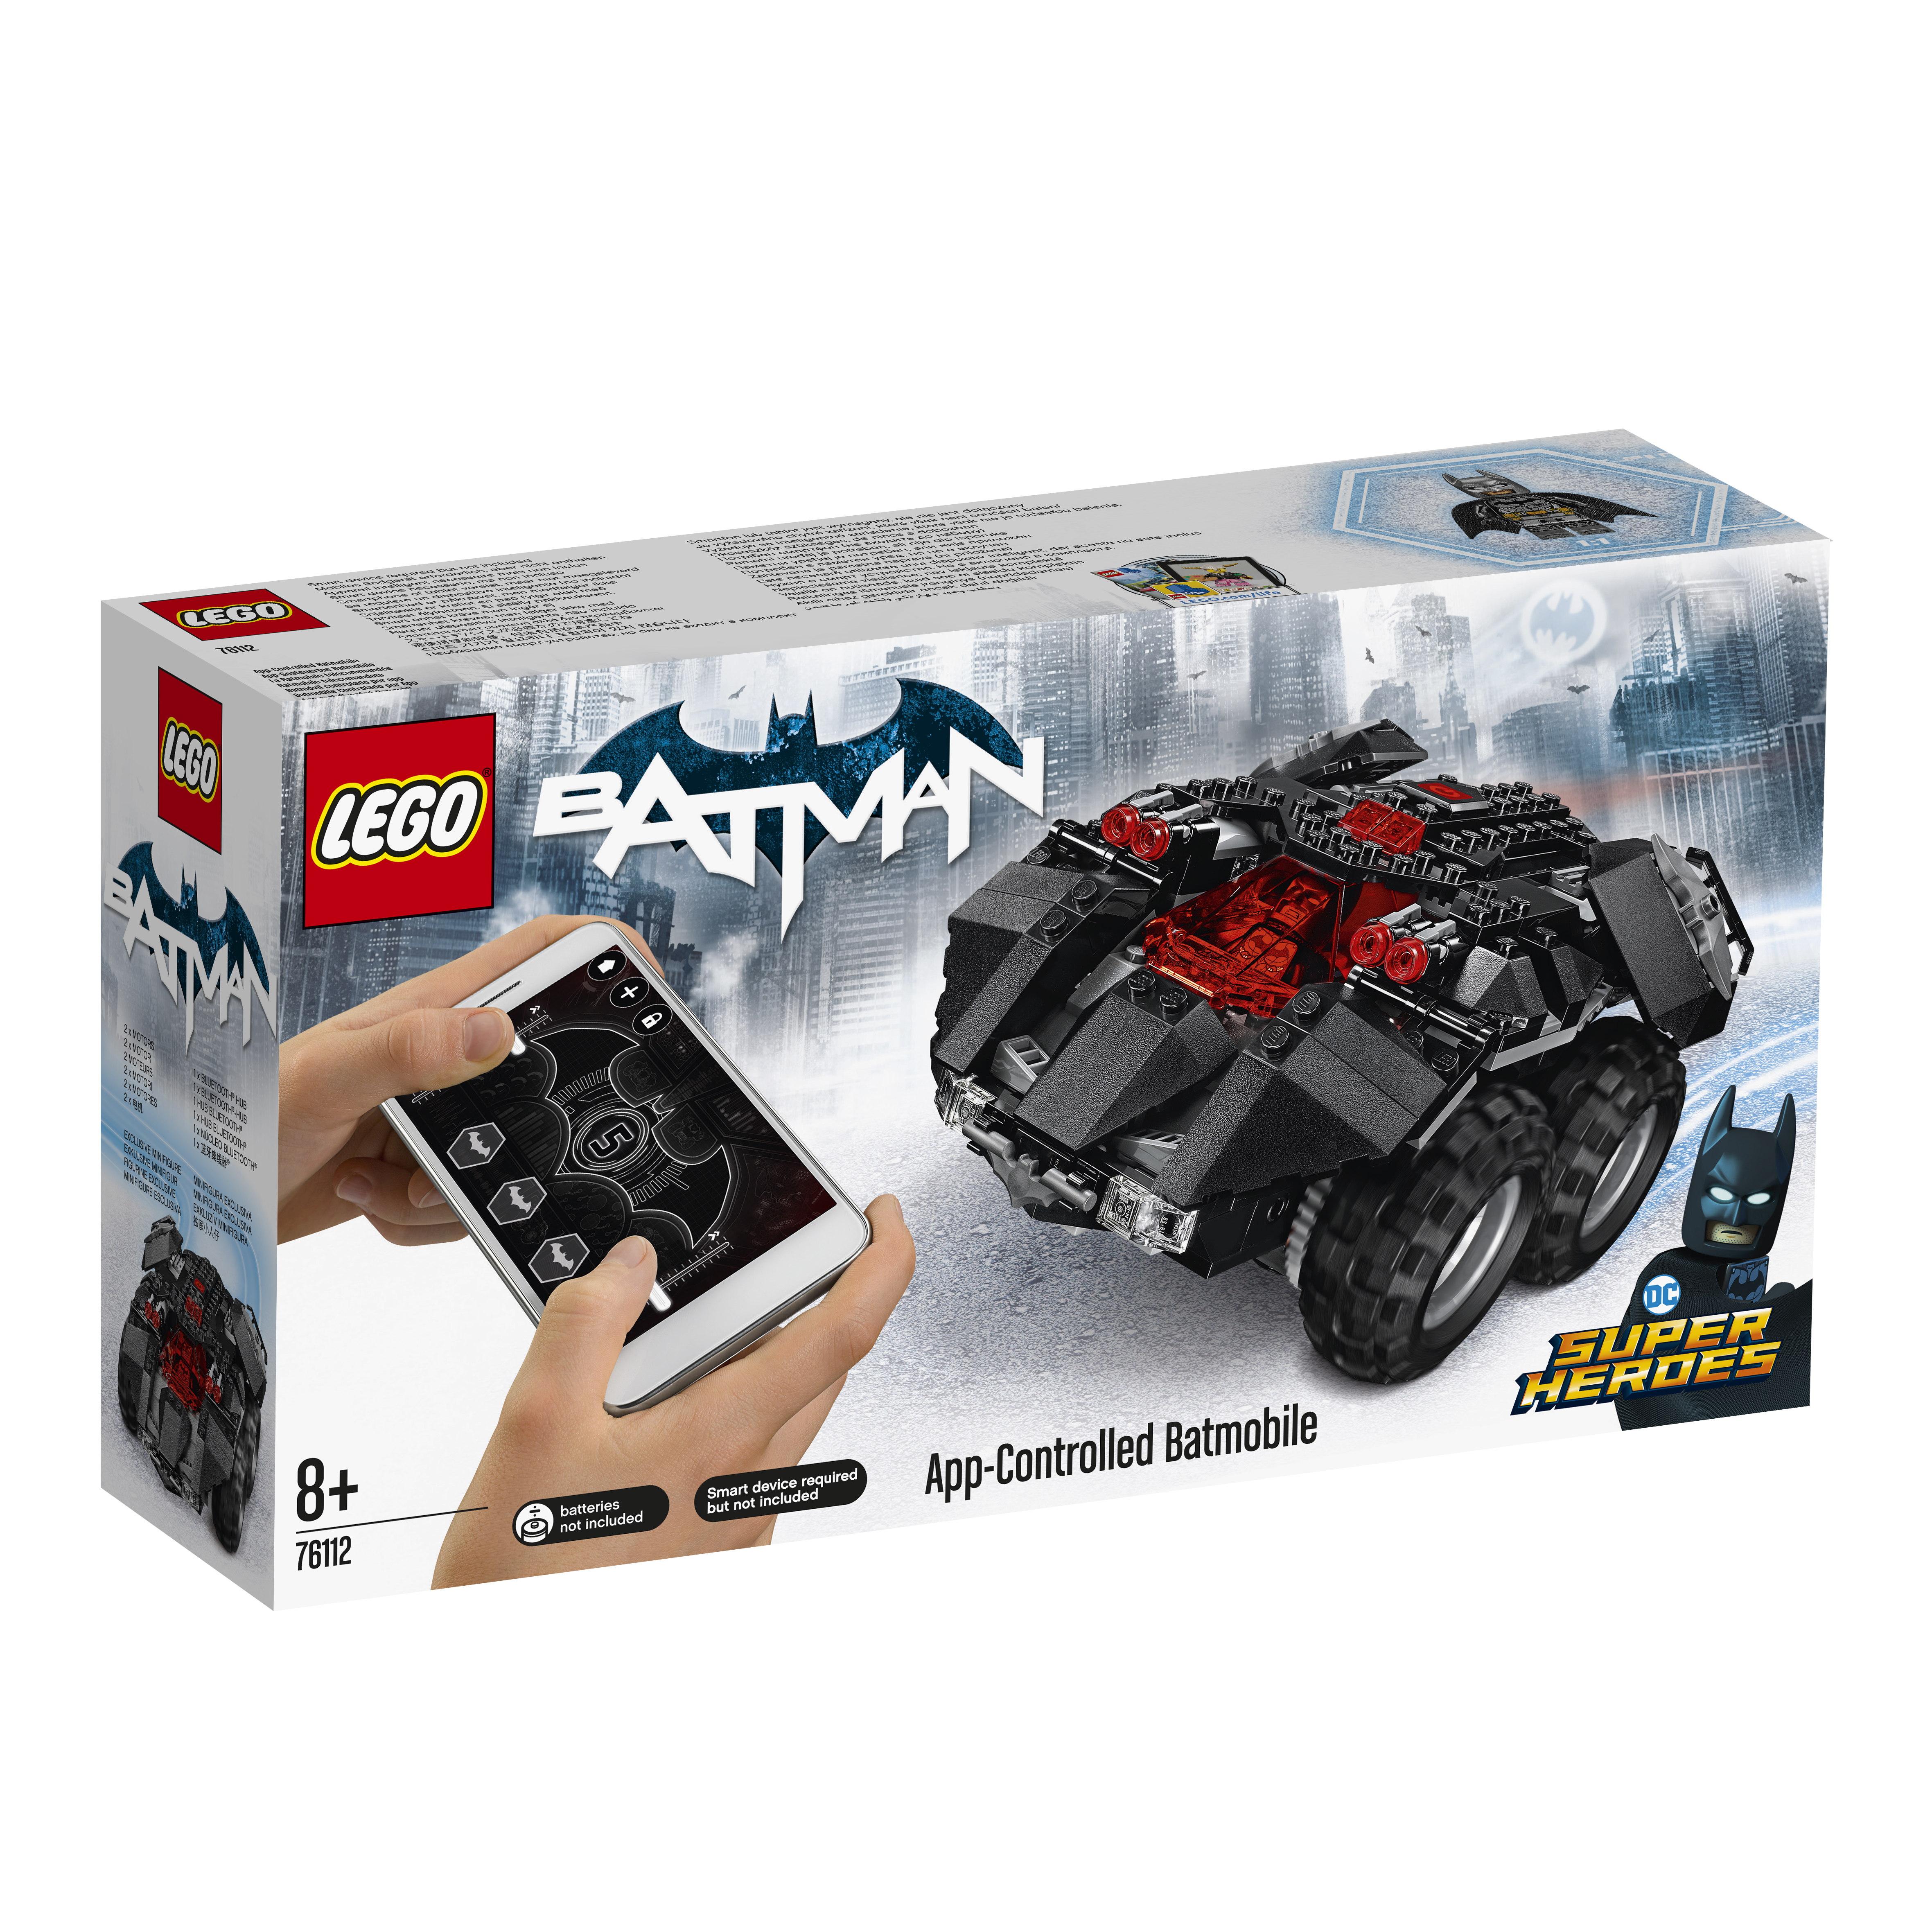 LEGO LEGO Super Heroes 76112 Бэтмобиль с дистанционным управлением инструмент force 61703 досмотровое зеркало с дистанционным управлением на гибком вале